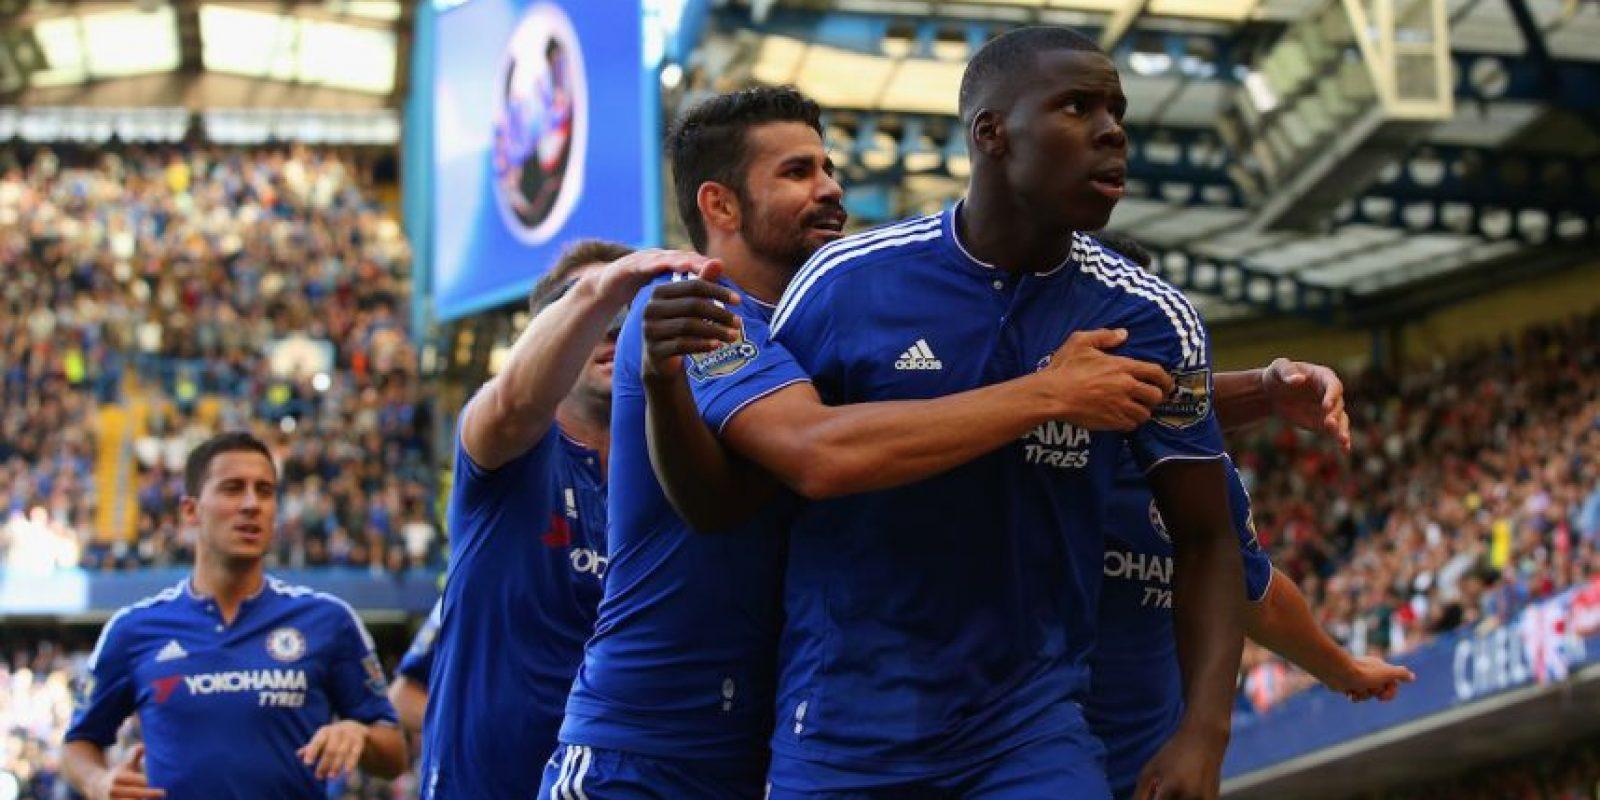 Chelsea fue mejor durante casi todo el partido, aunque no pudieron concretar las numerosas oportunidades de gol que generaron. Foto:Getty Images